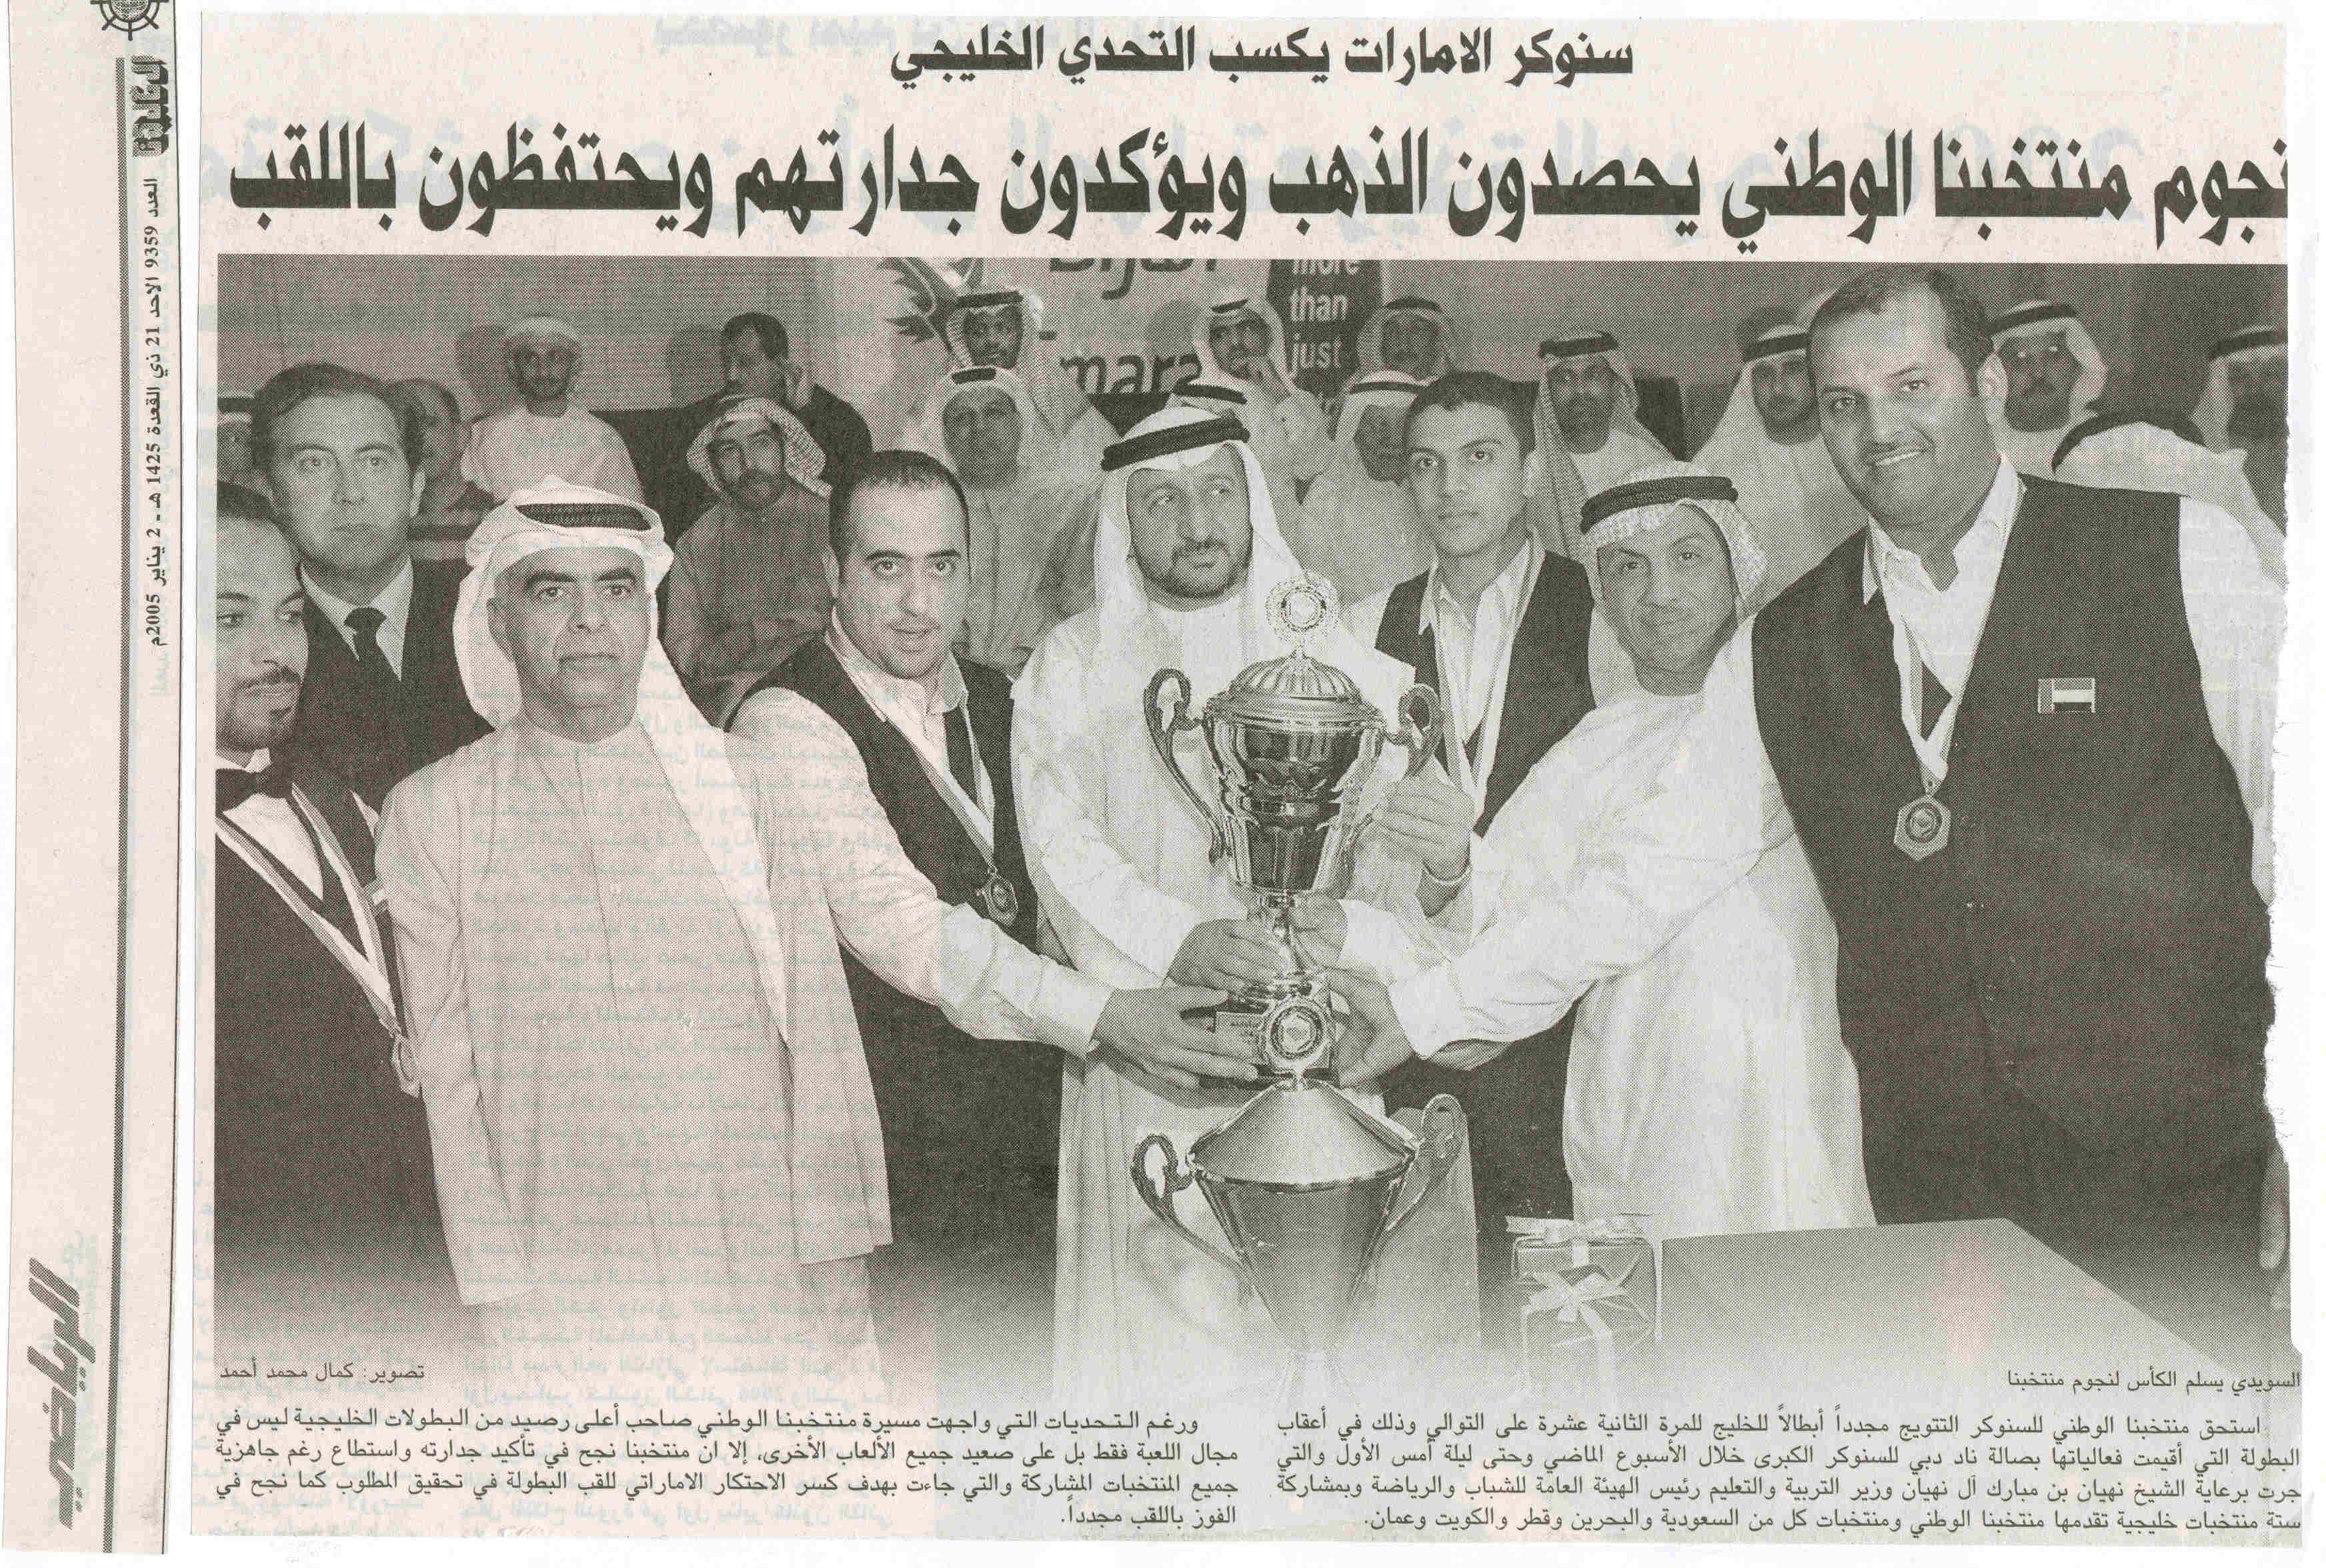 سنوكر الامارات يكسب التحدي الخليجي